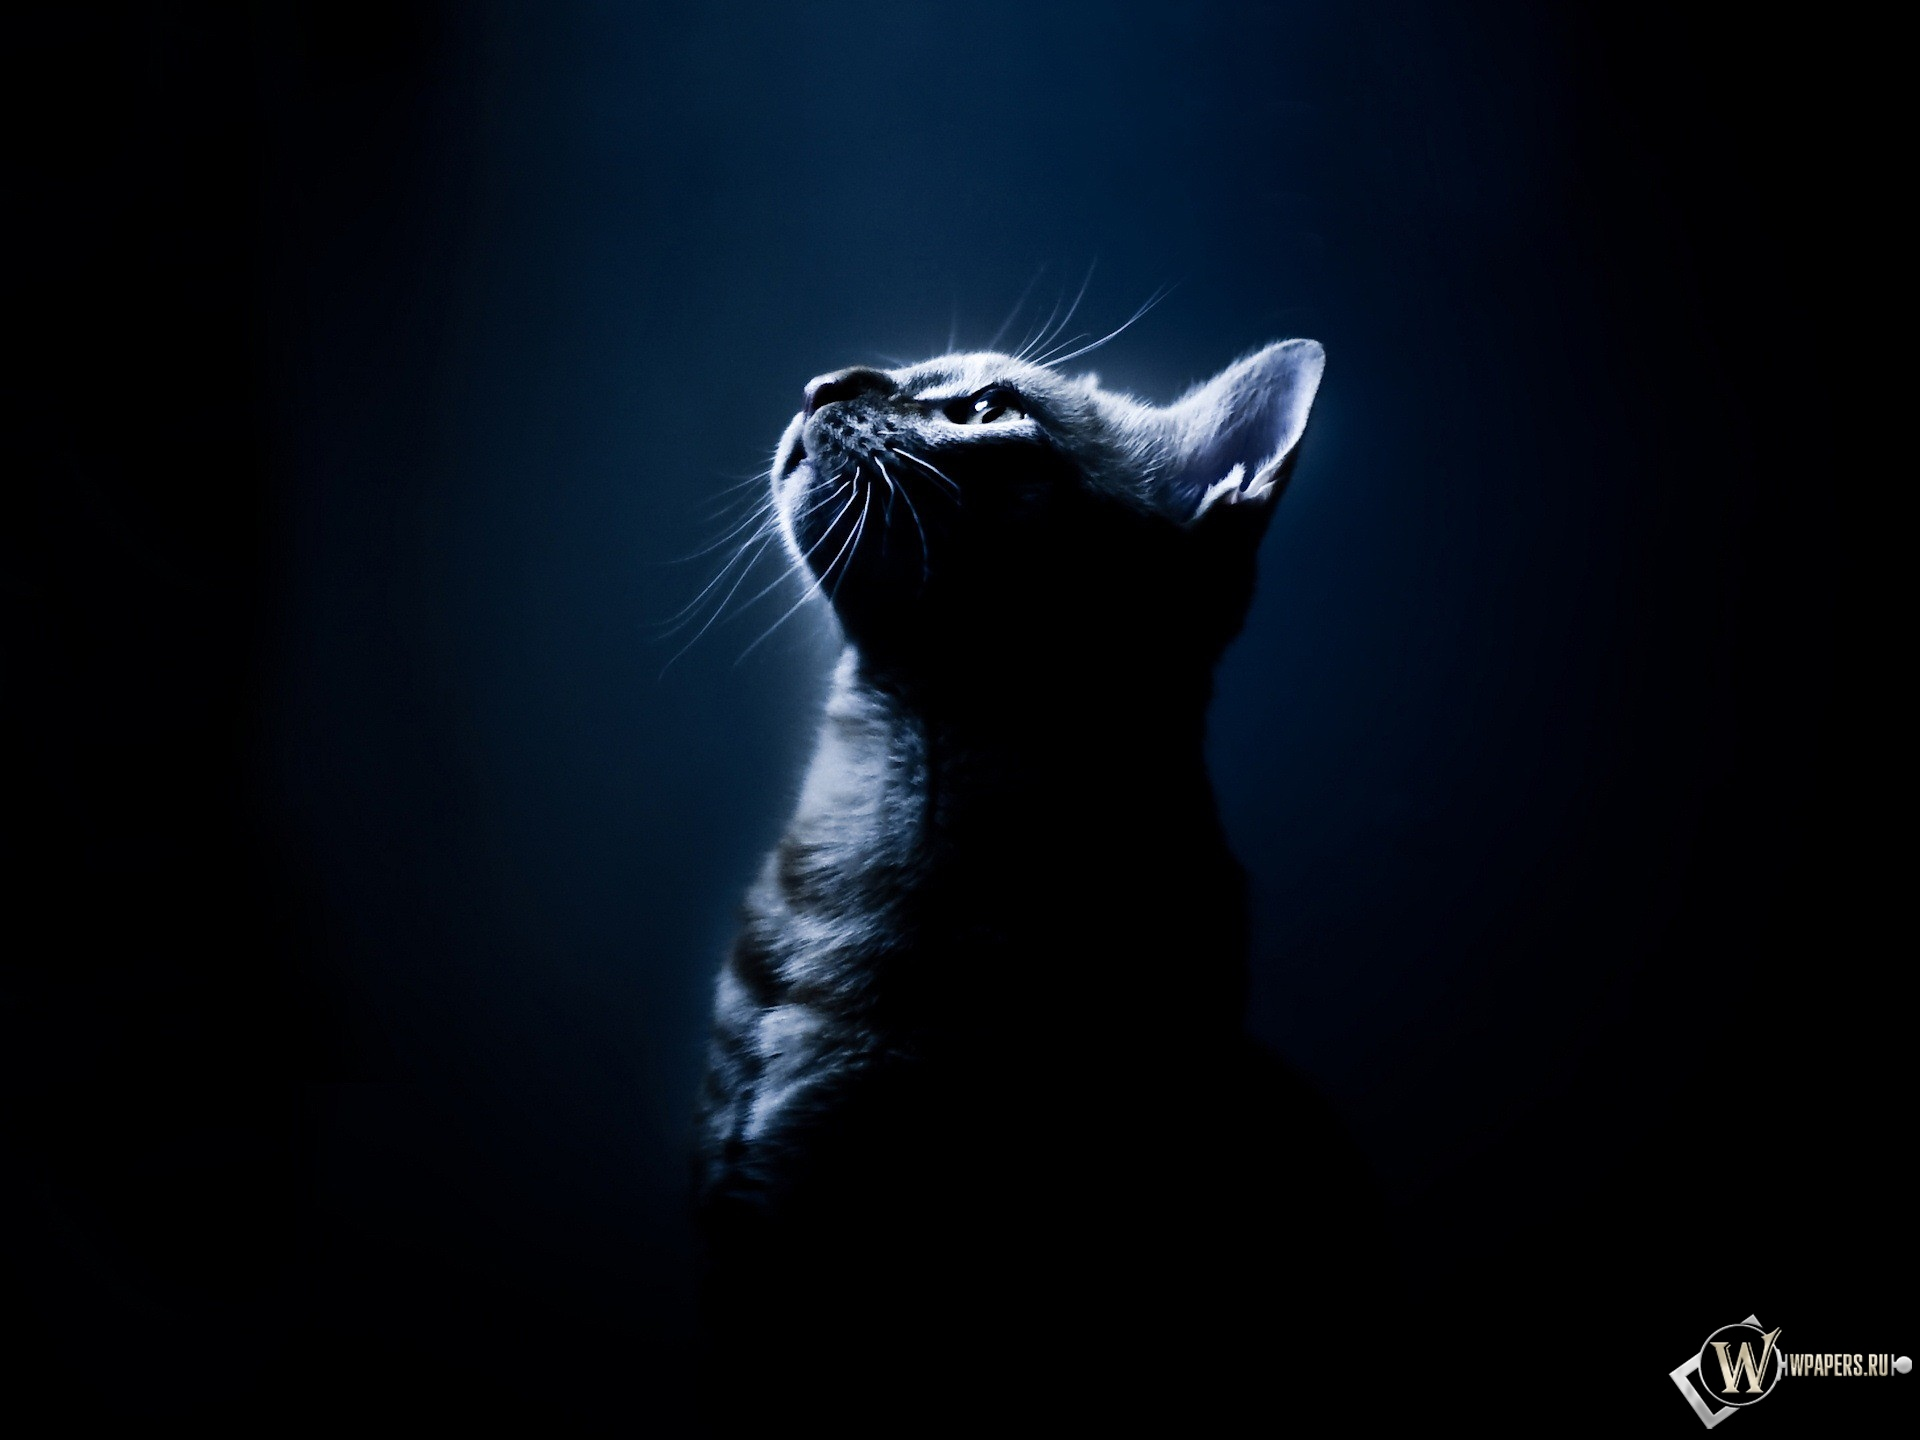 Котёнок в темноте 1920x1440